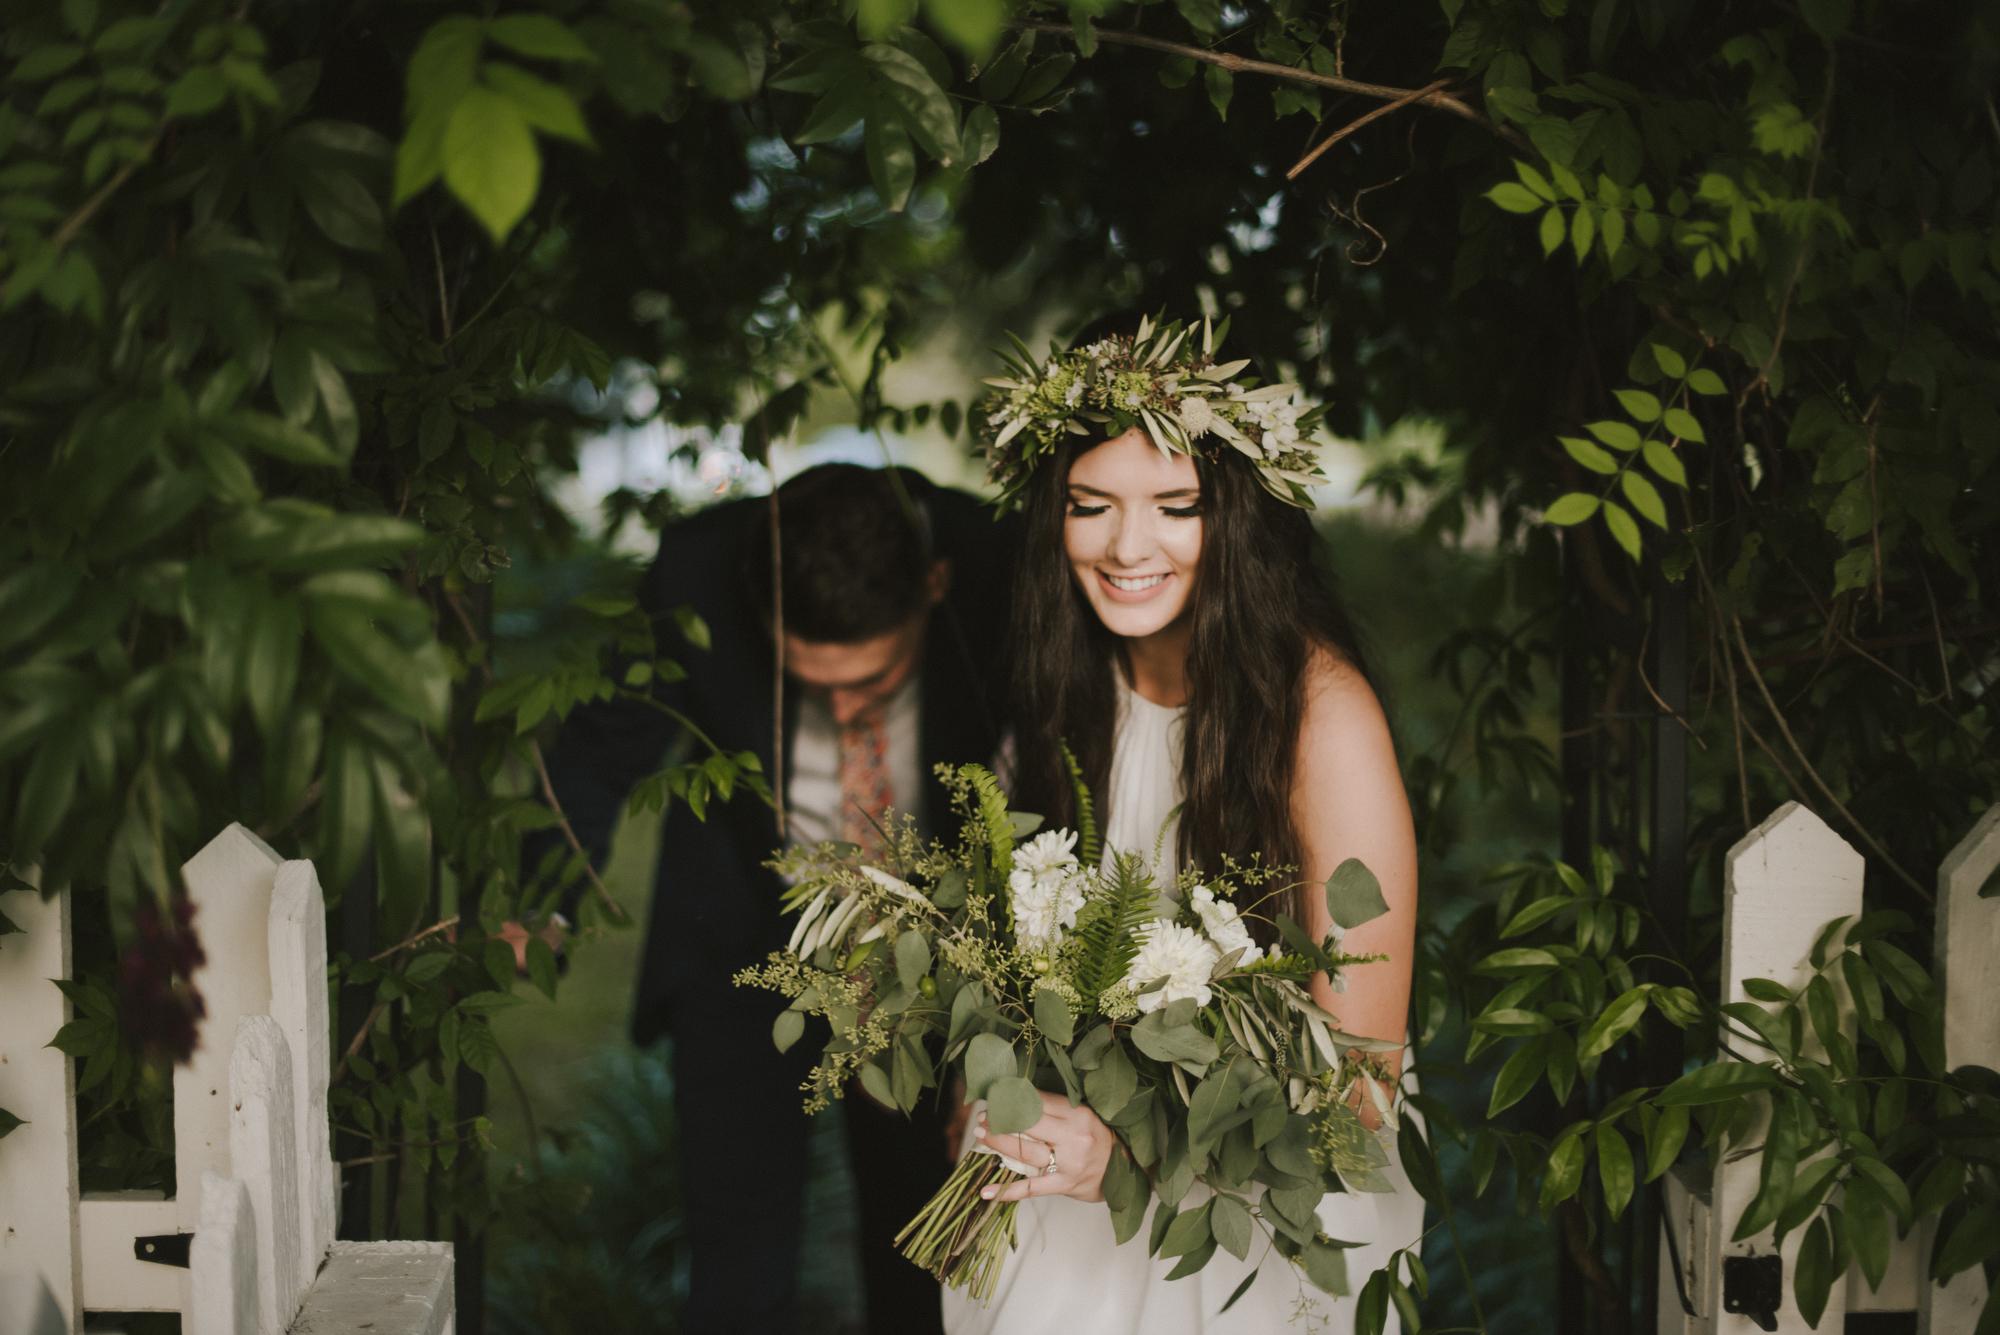 ofRen_weddingphotography089.JPG